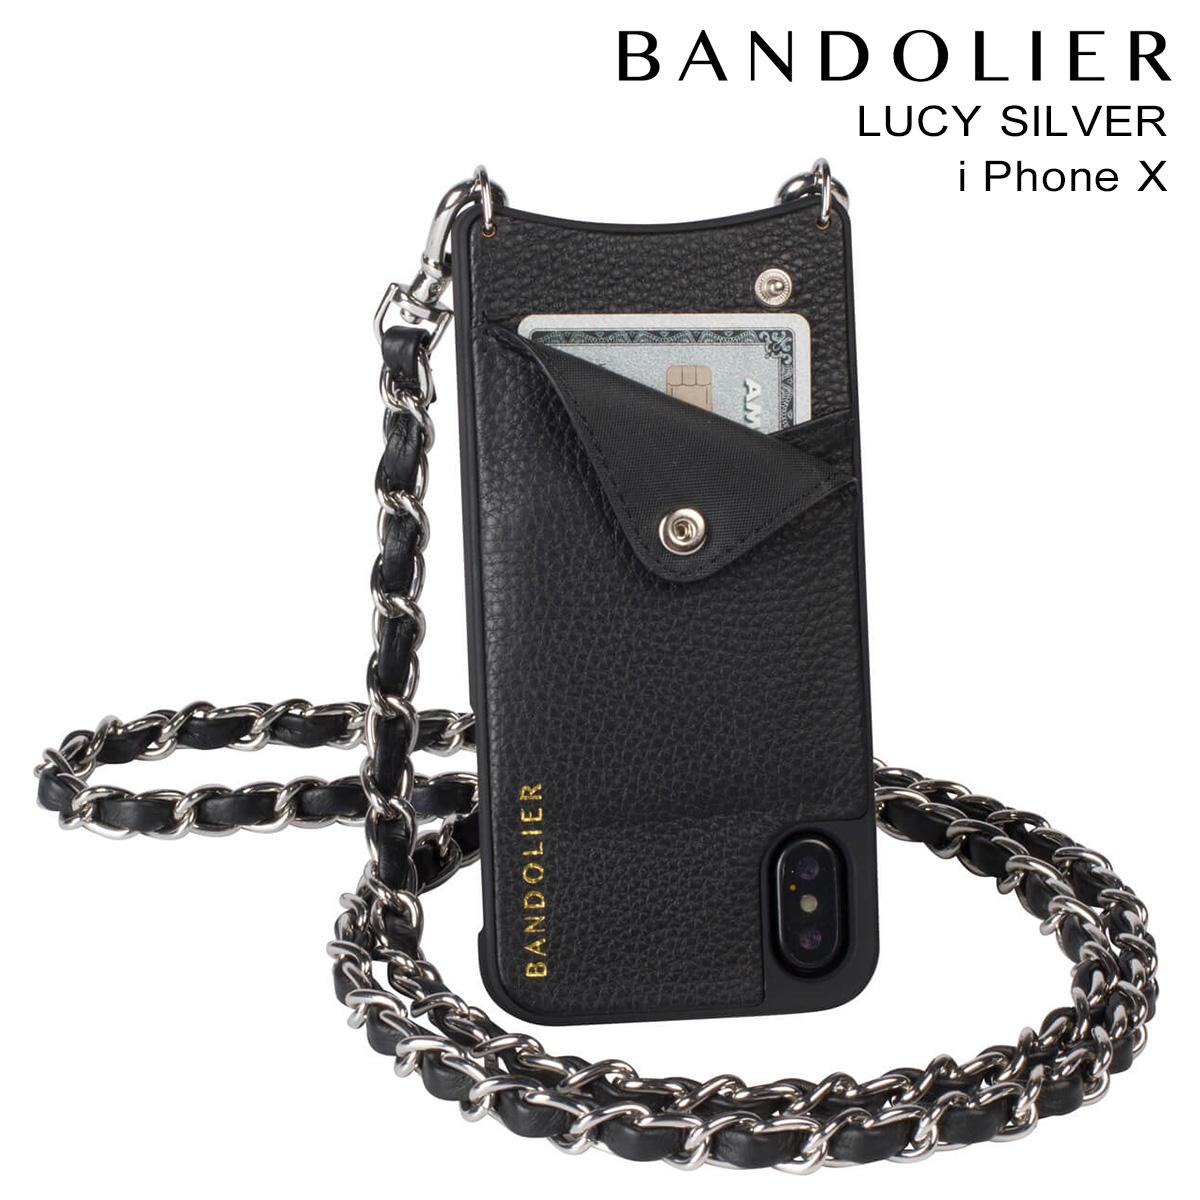 【最大2000円OFFクーポン配布】 BANDOLIER バンドリヤー iPhoneX ケース スマホ アイフォン LUCY SILVER レザー メンズ レディース [9/14 新入荷]